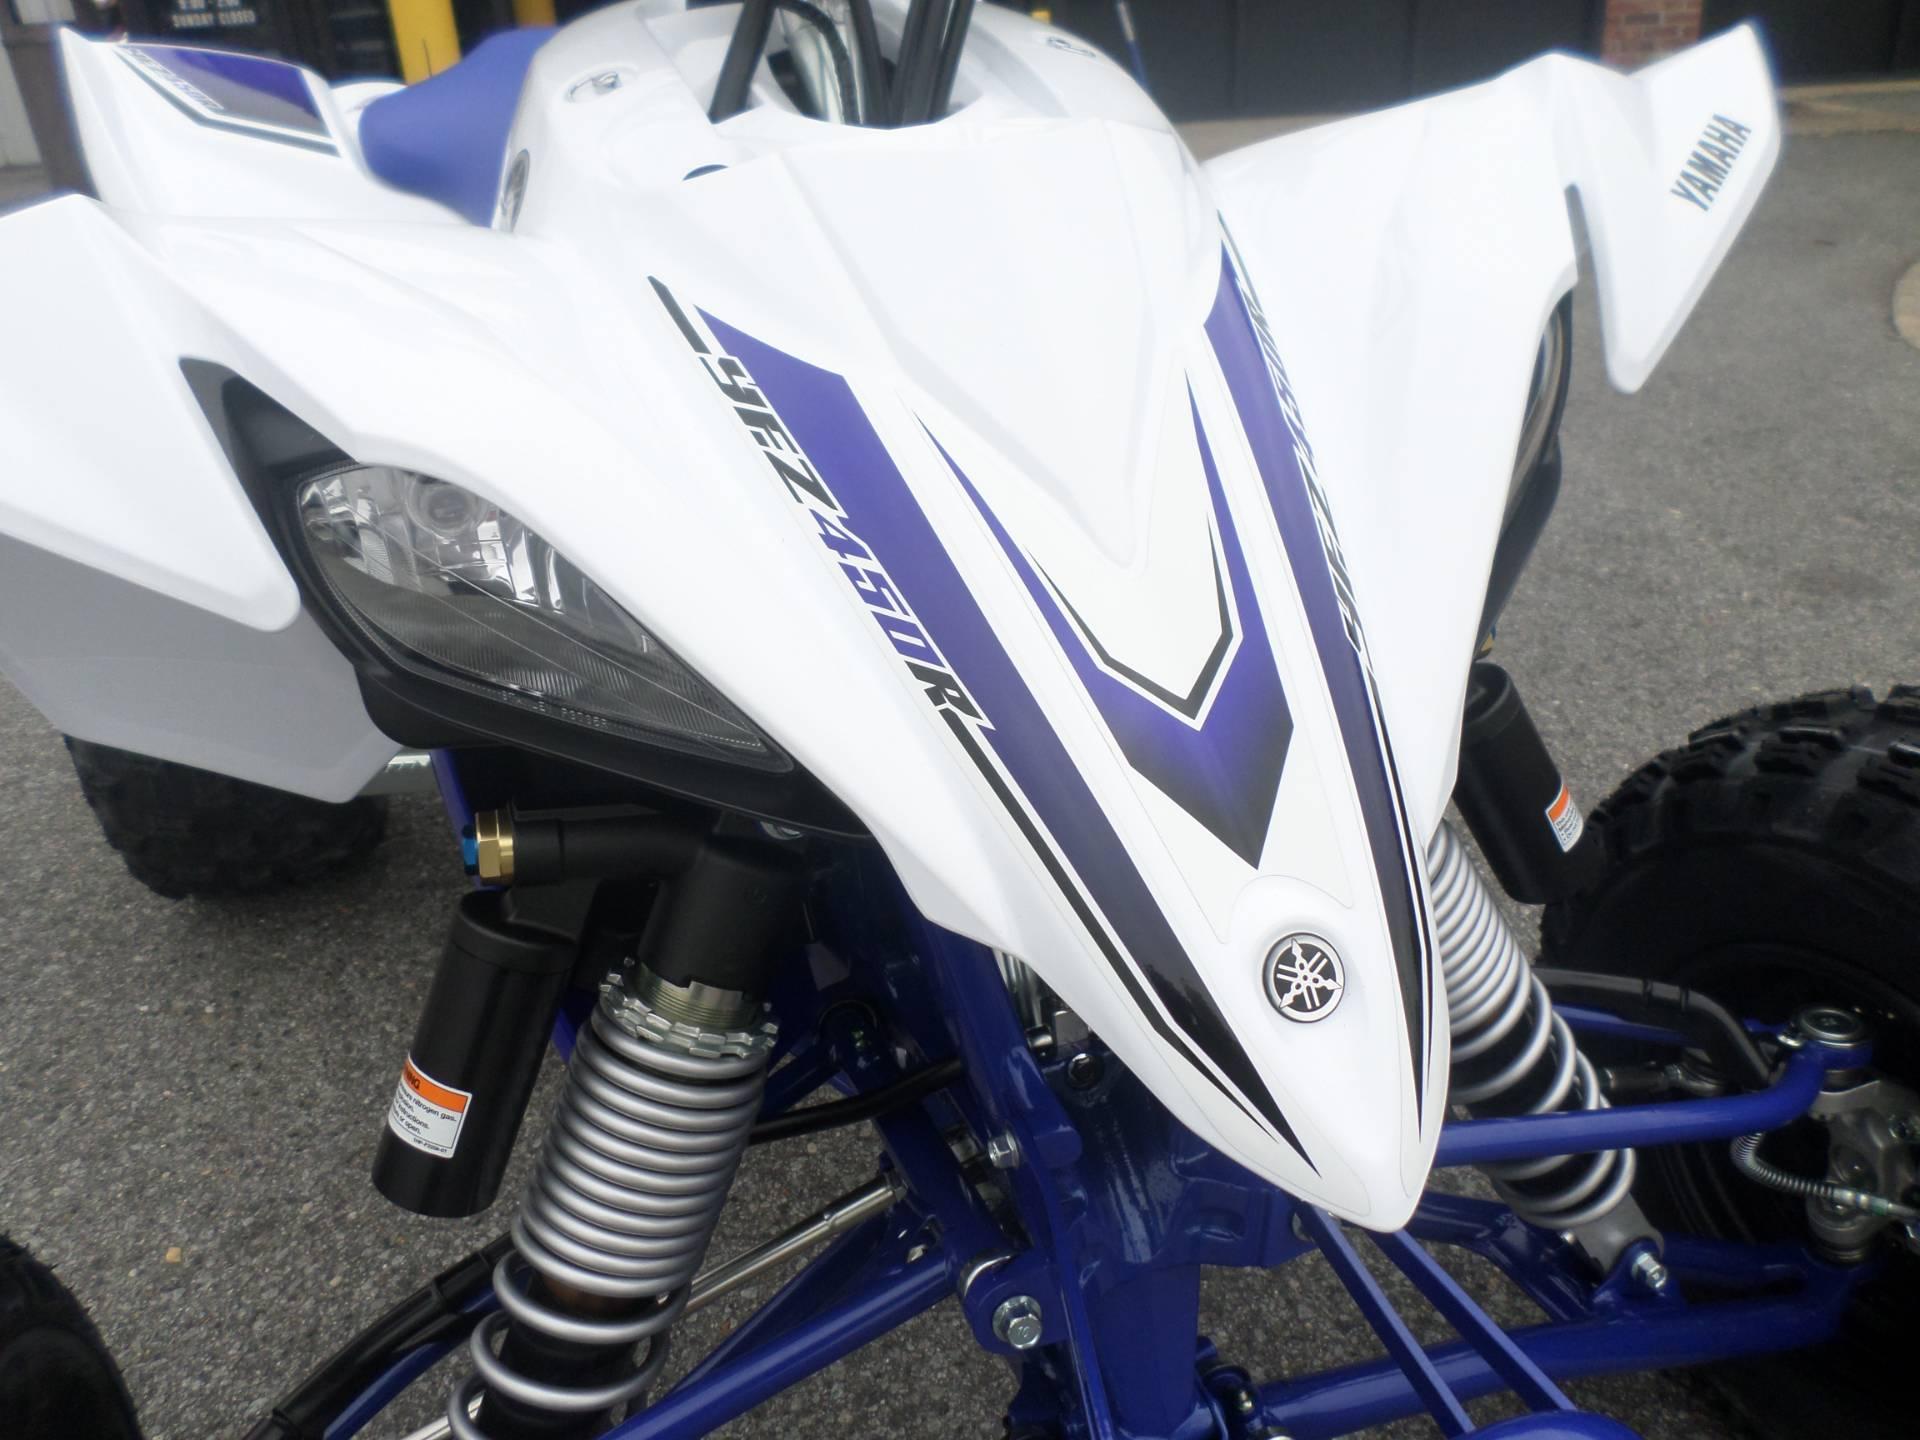 2017 Yamaha YFZ450R 12